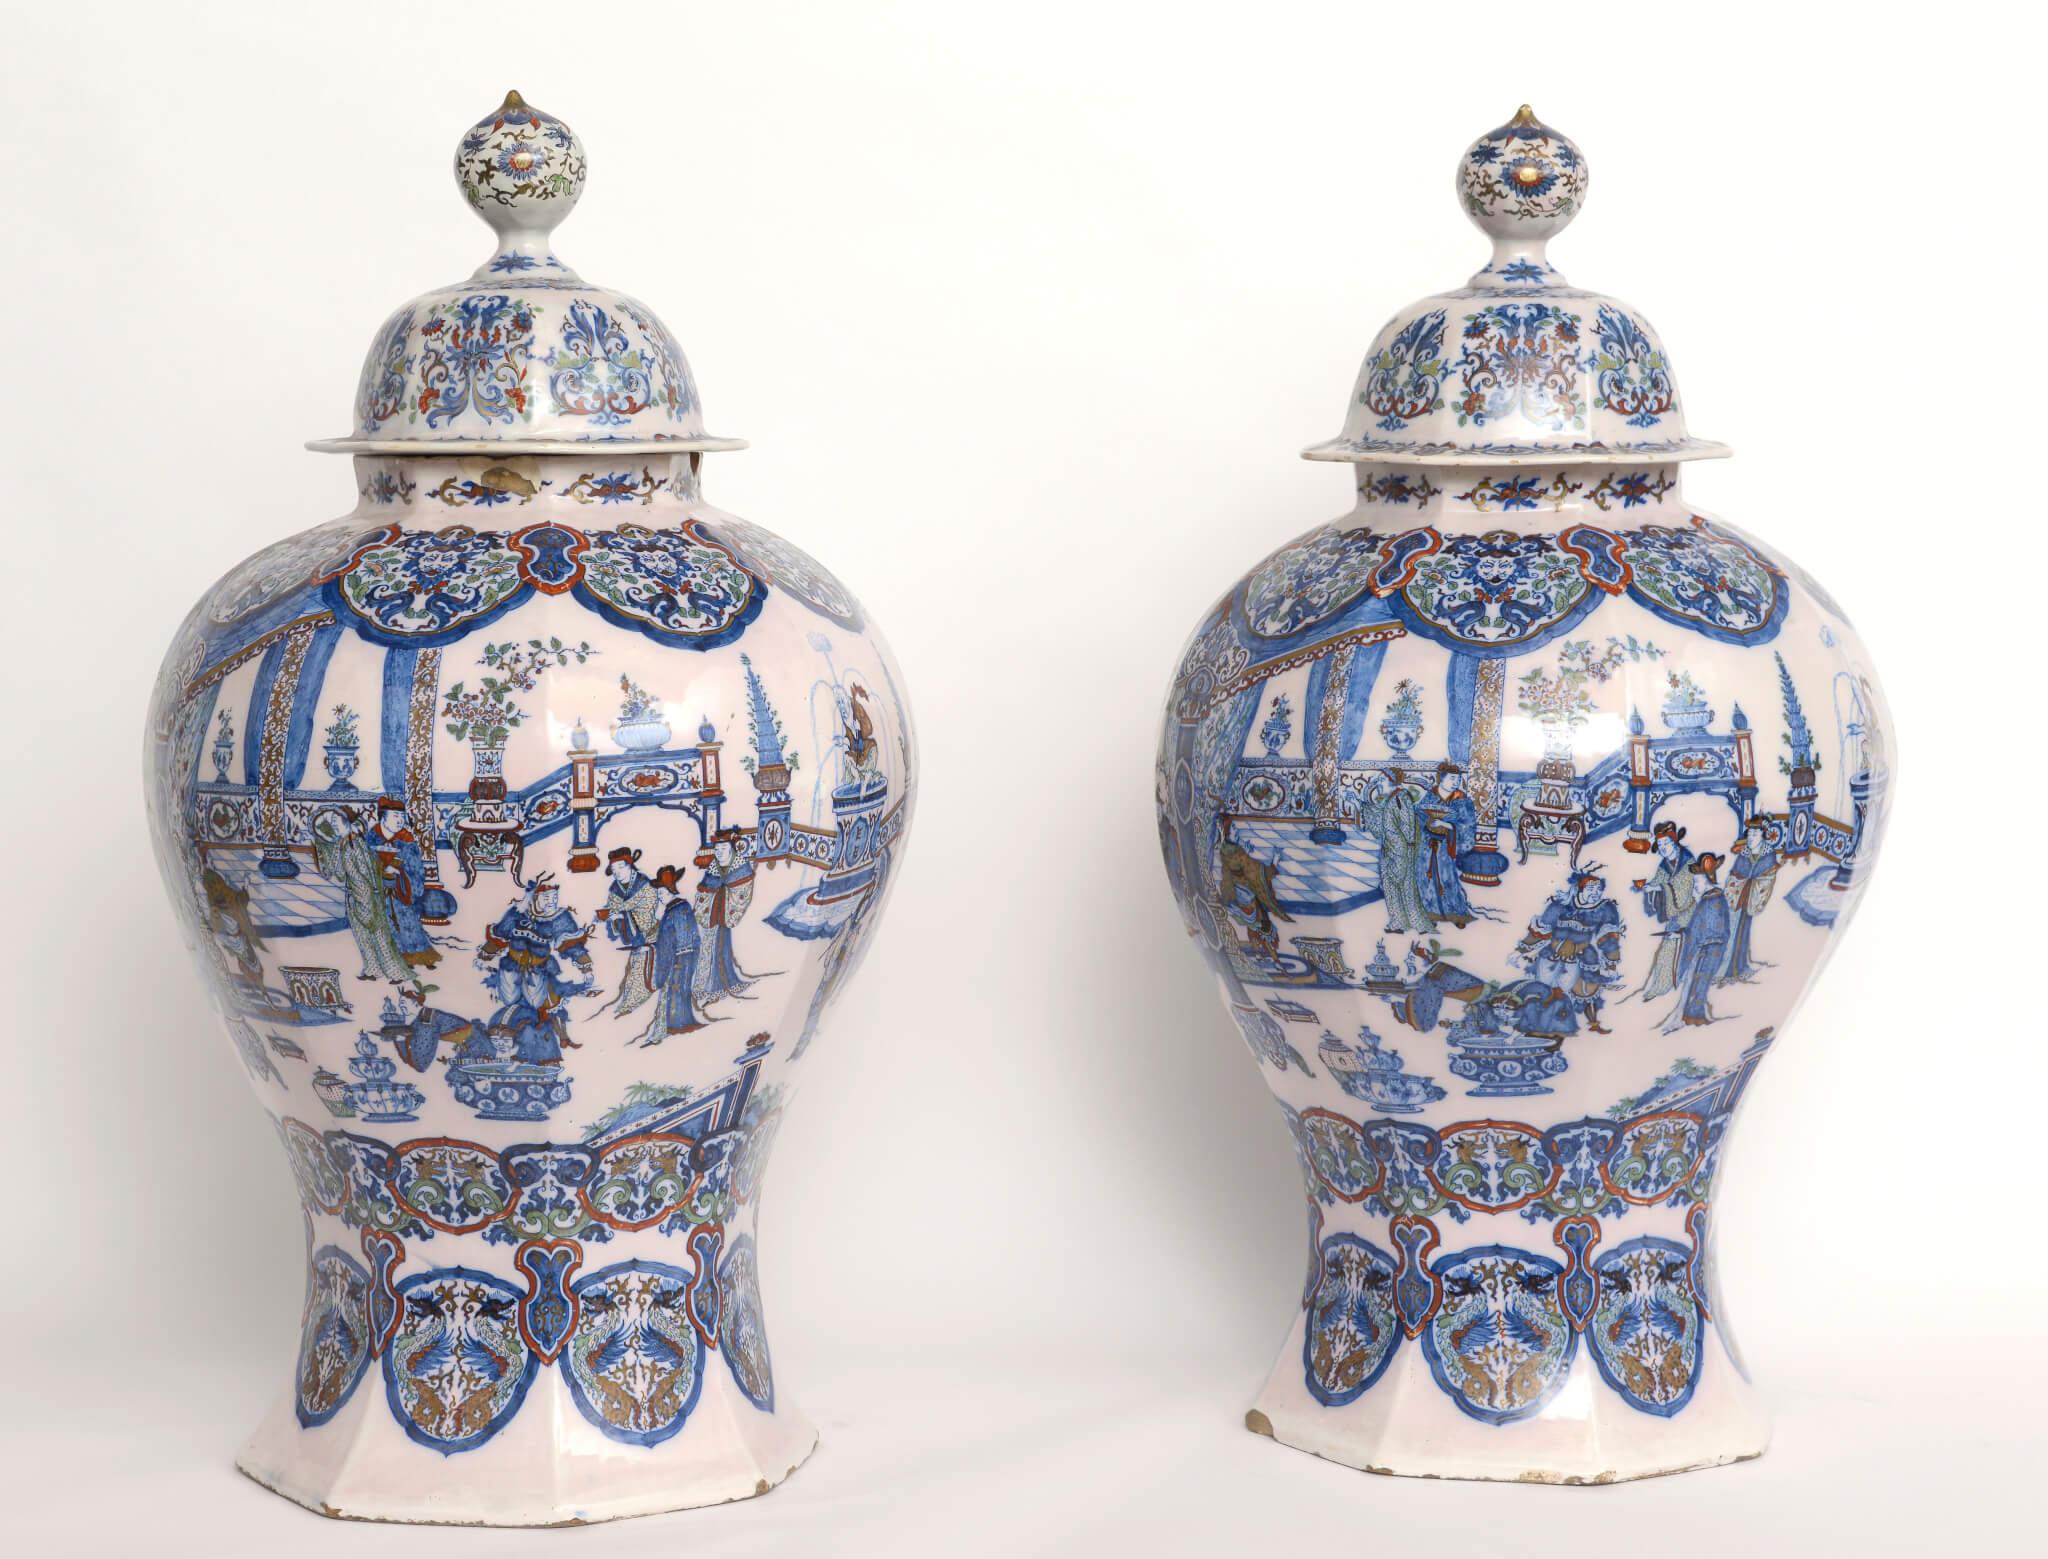 Hoppesteyn vases